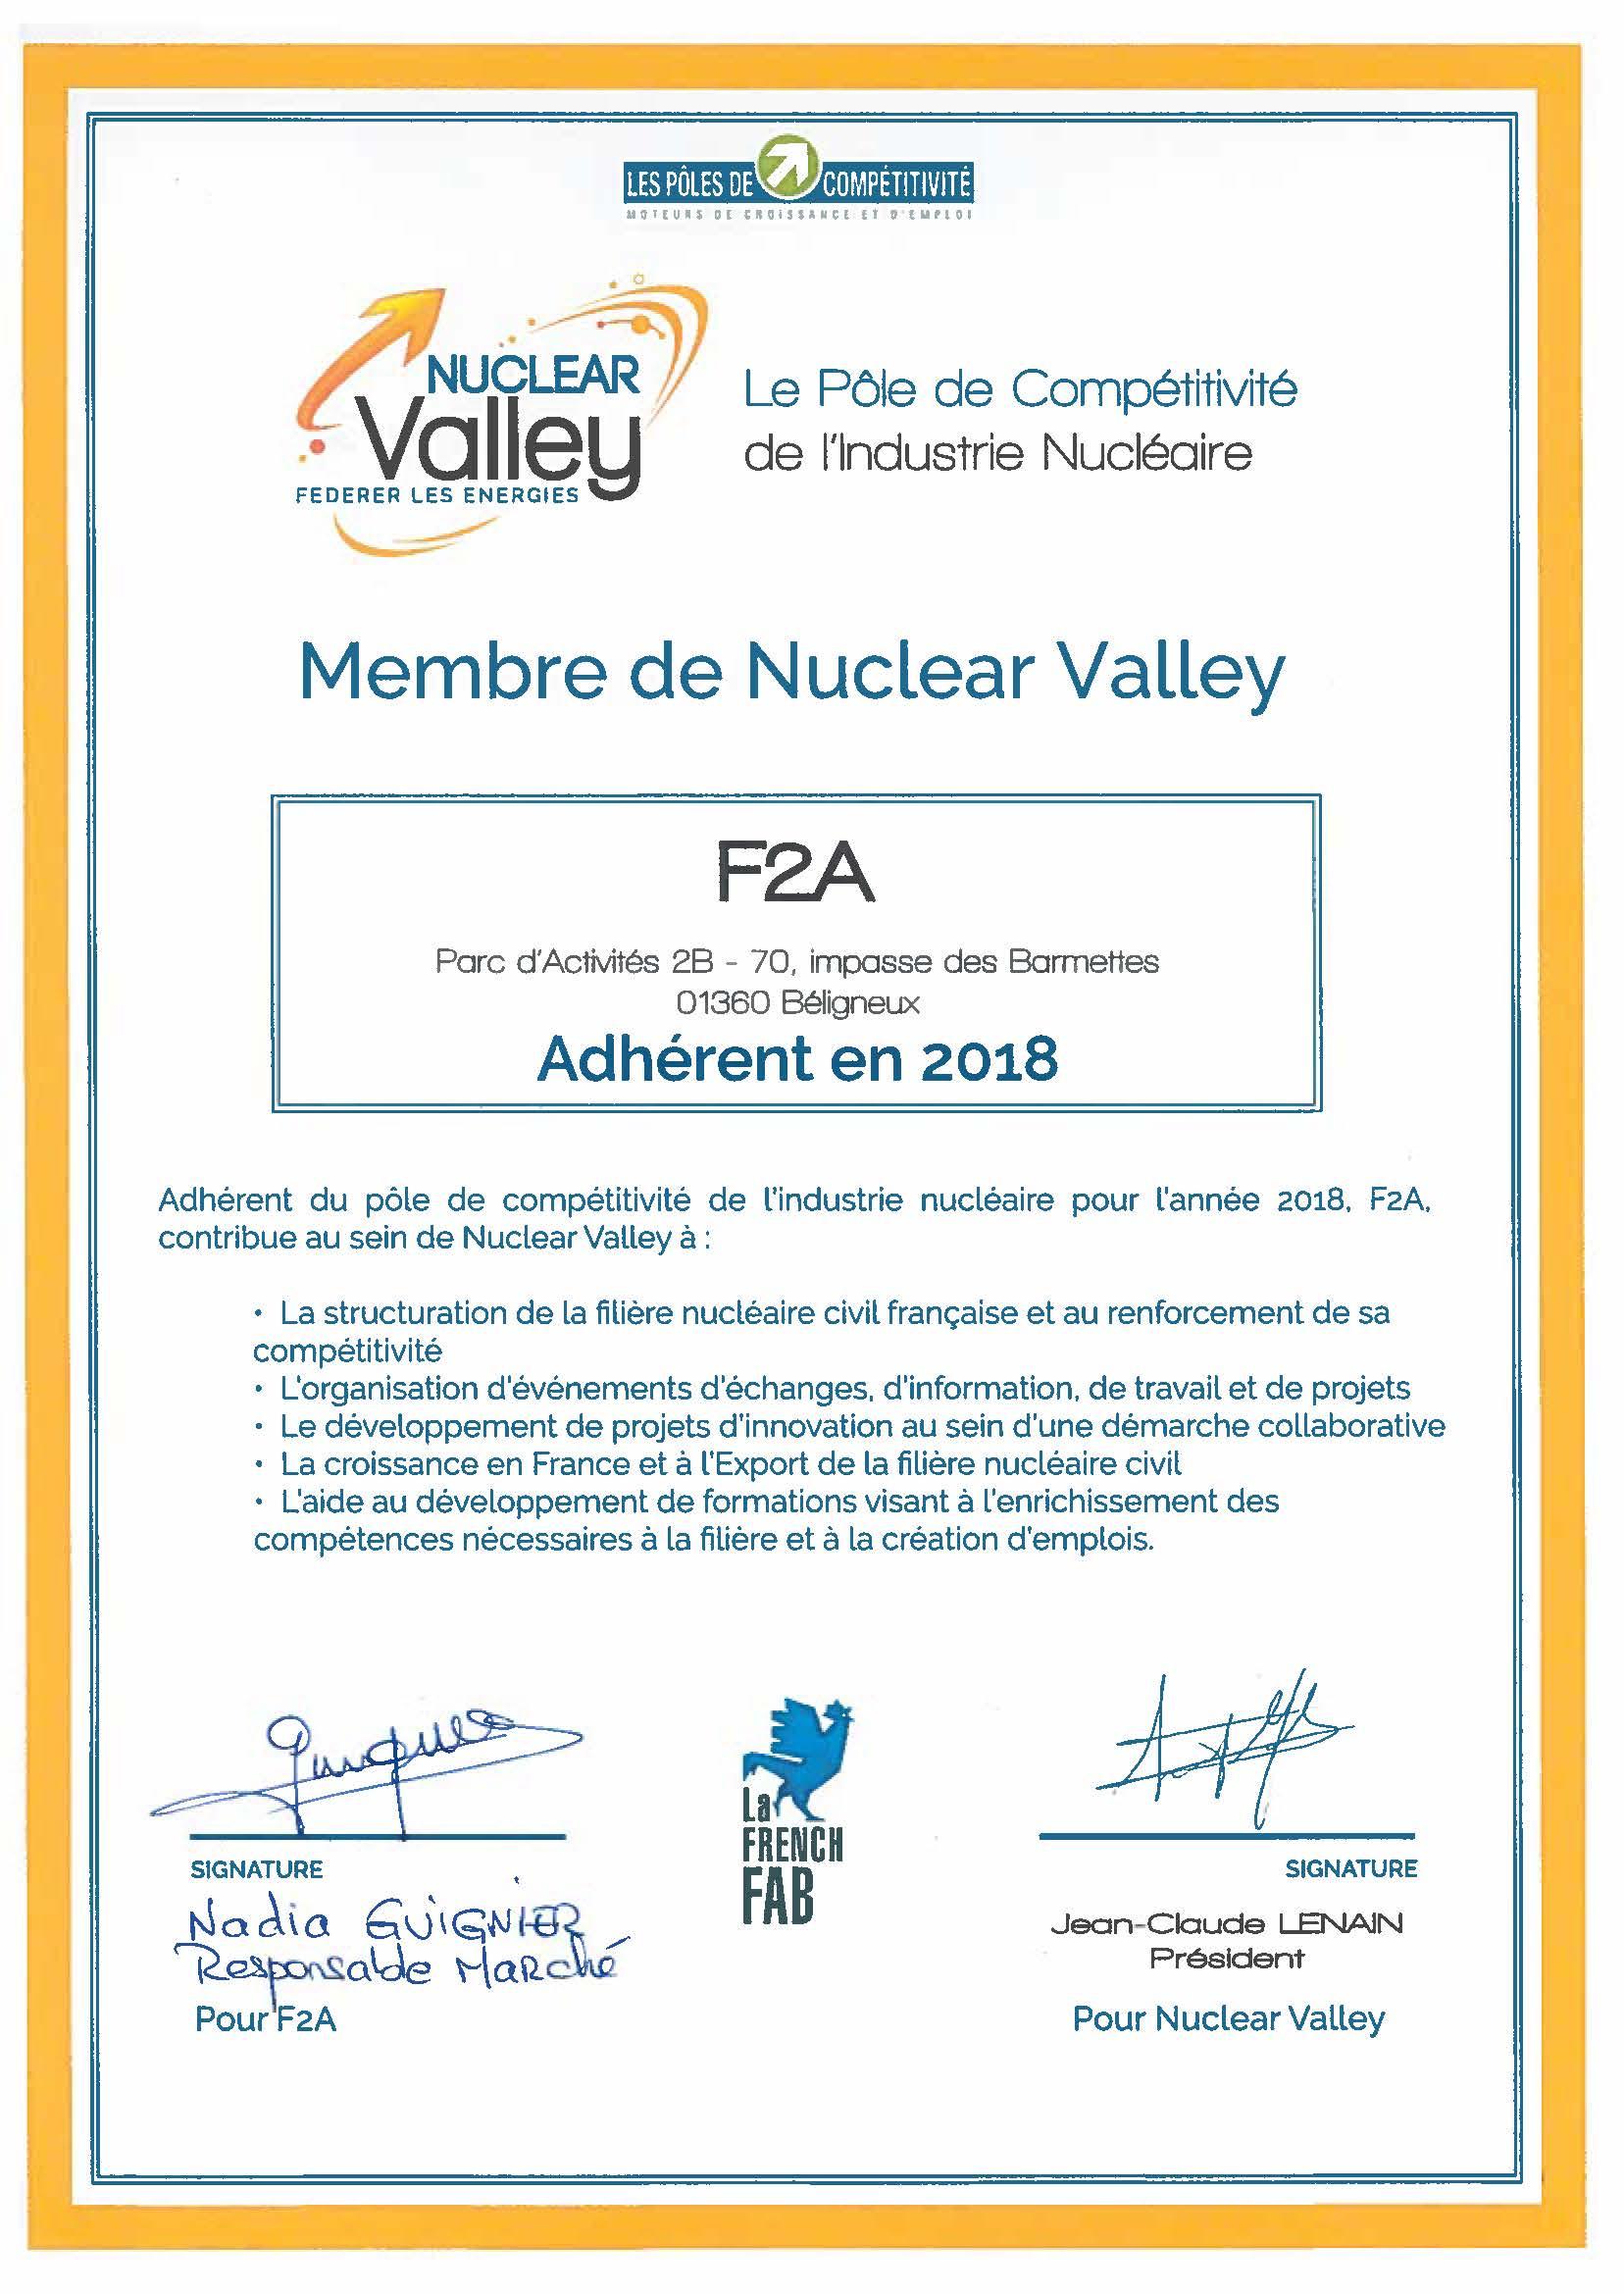 F2A membre de Nuclear Valley !